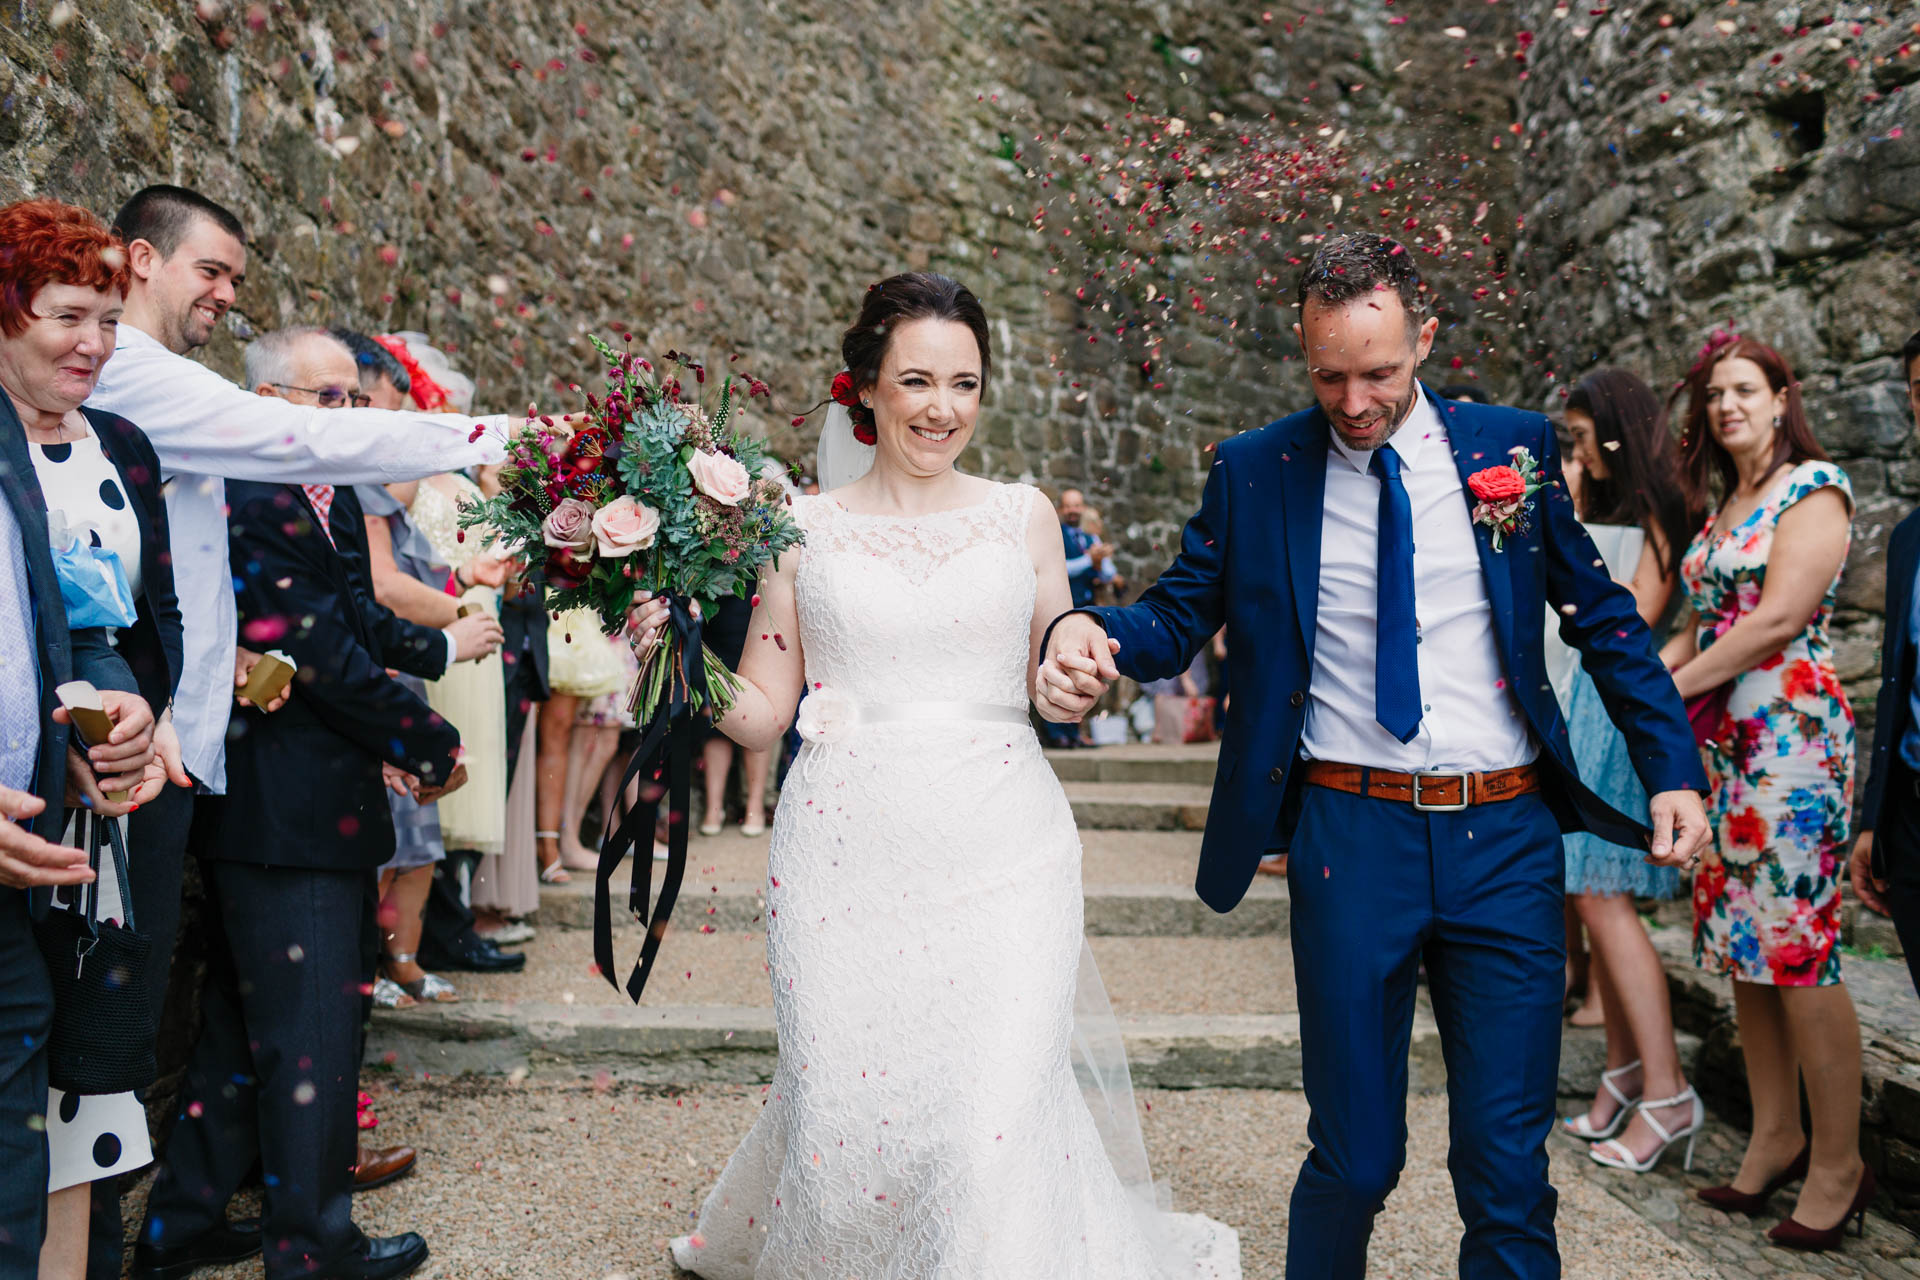 Wedding-287.jpg